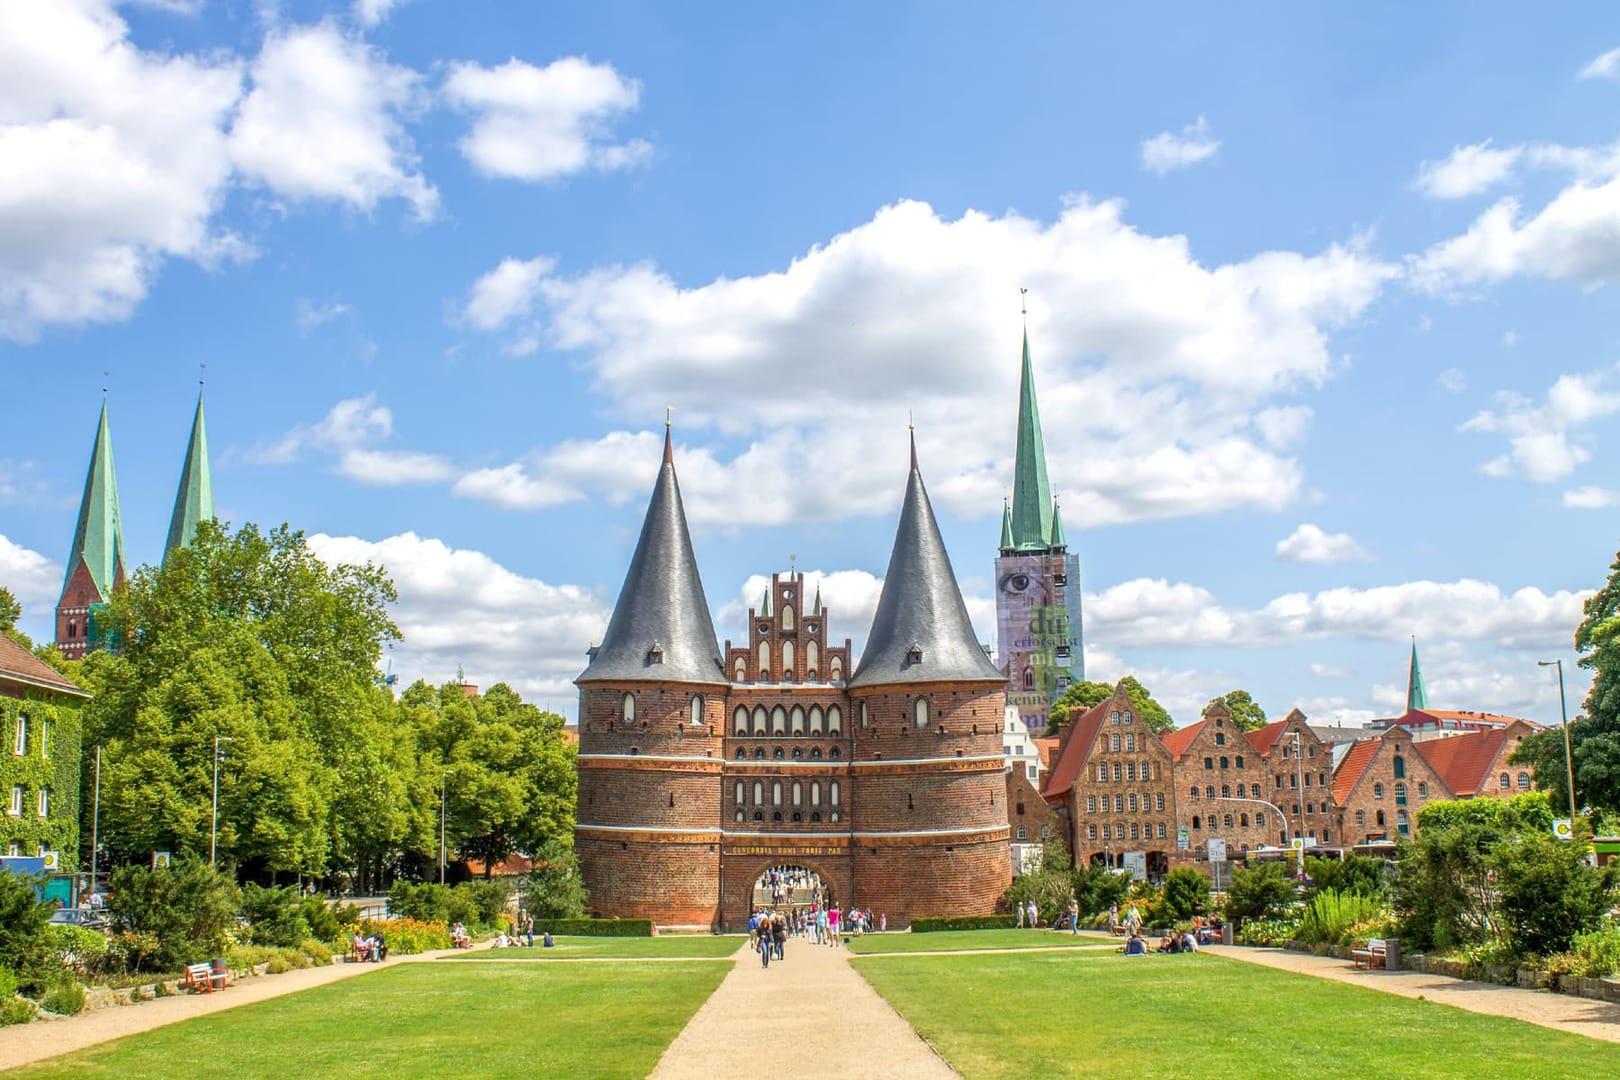 Radtour von Flensburg nach Lübeck individuell mit dem Fahrrad